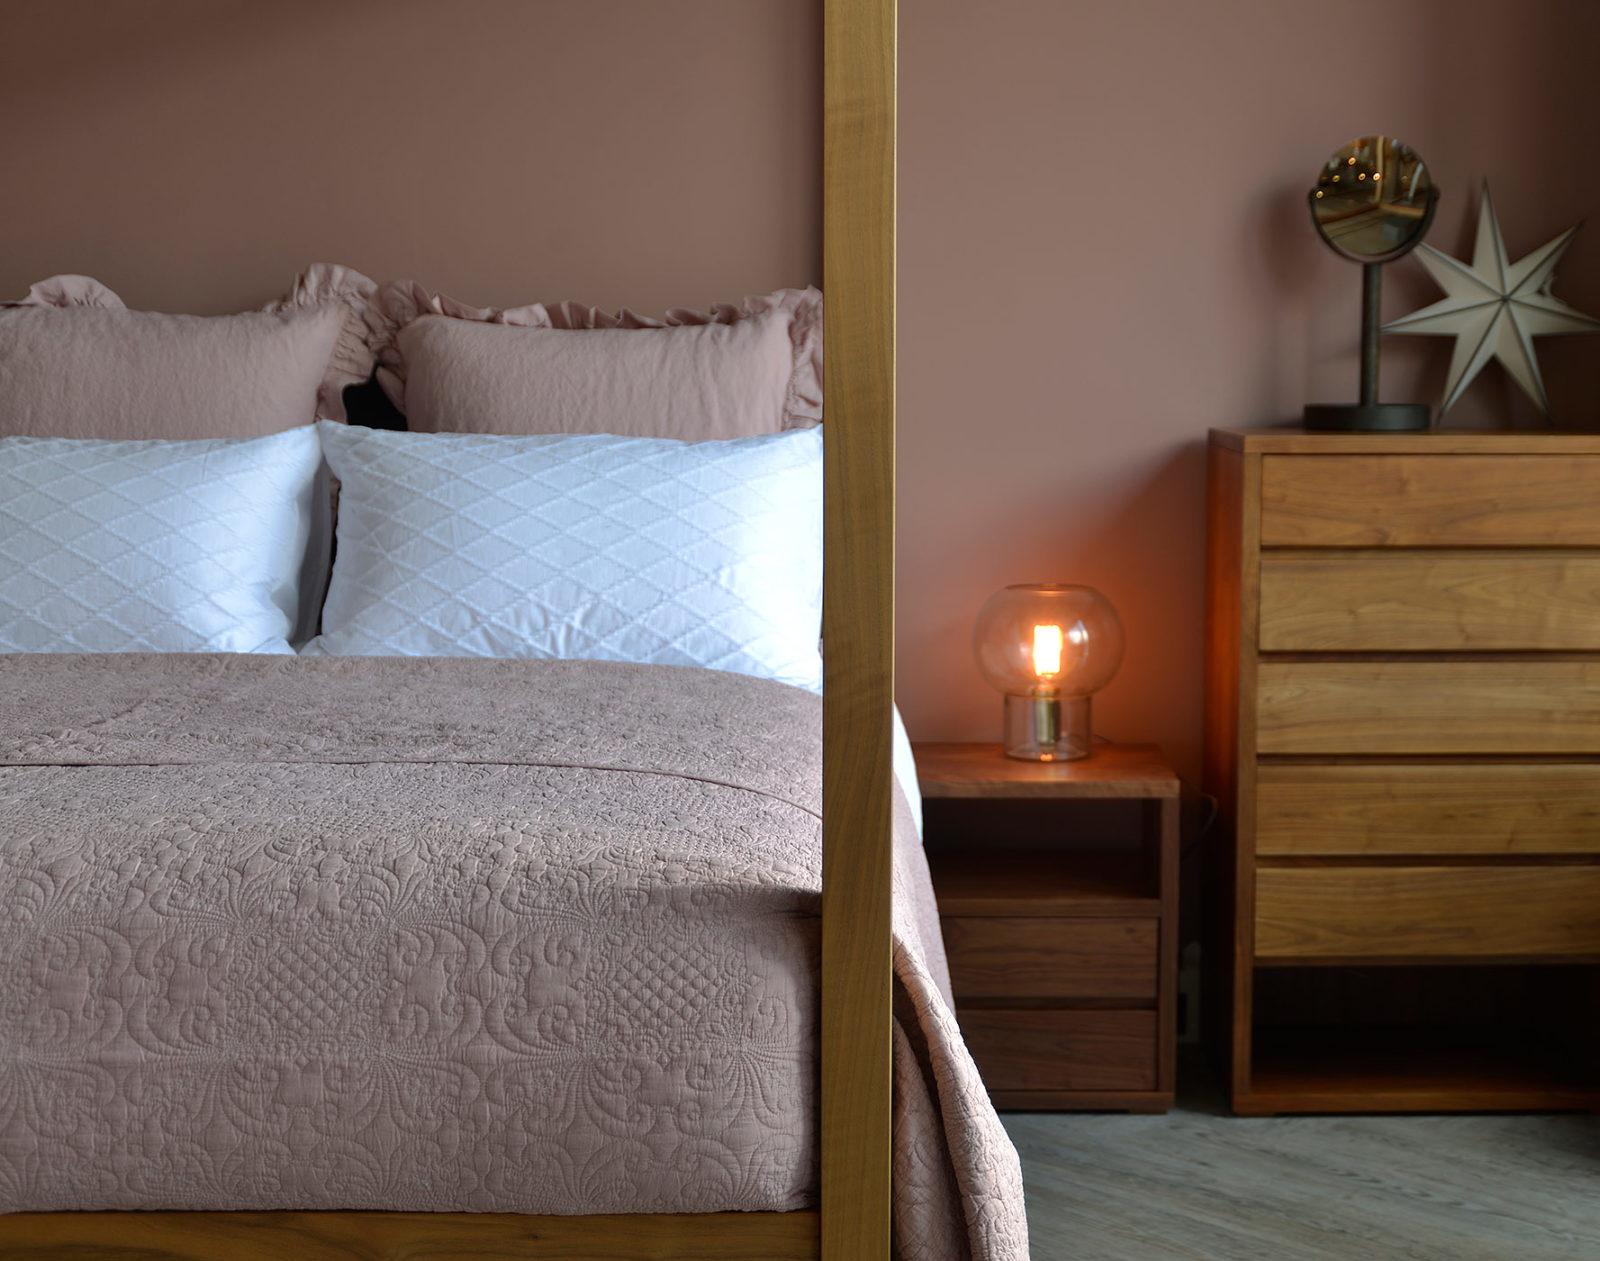 blush-pink-stonewash-embroidered-bedspread